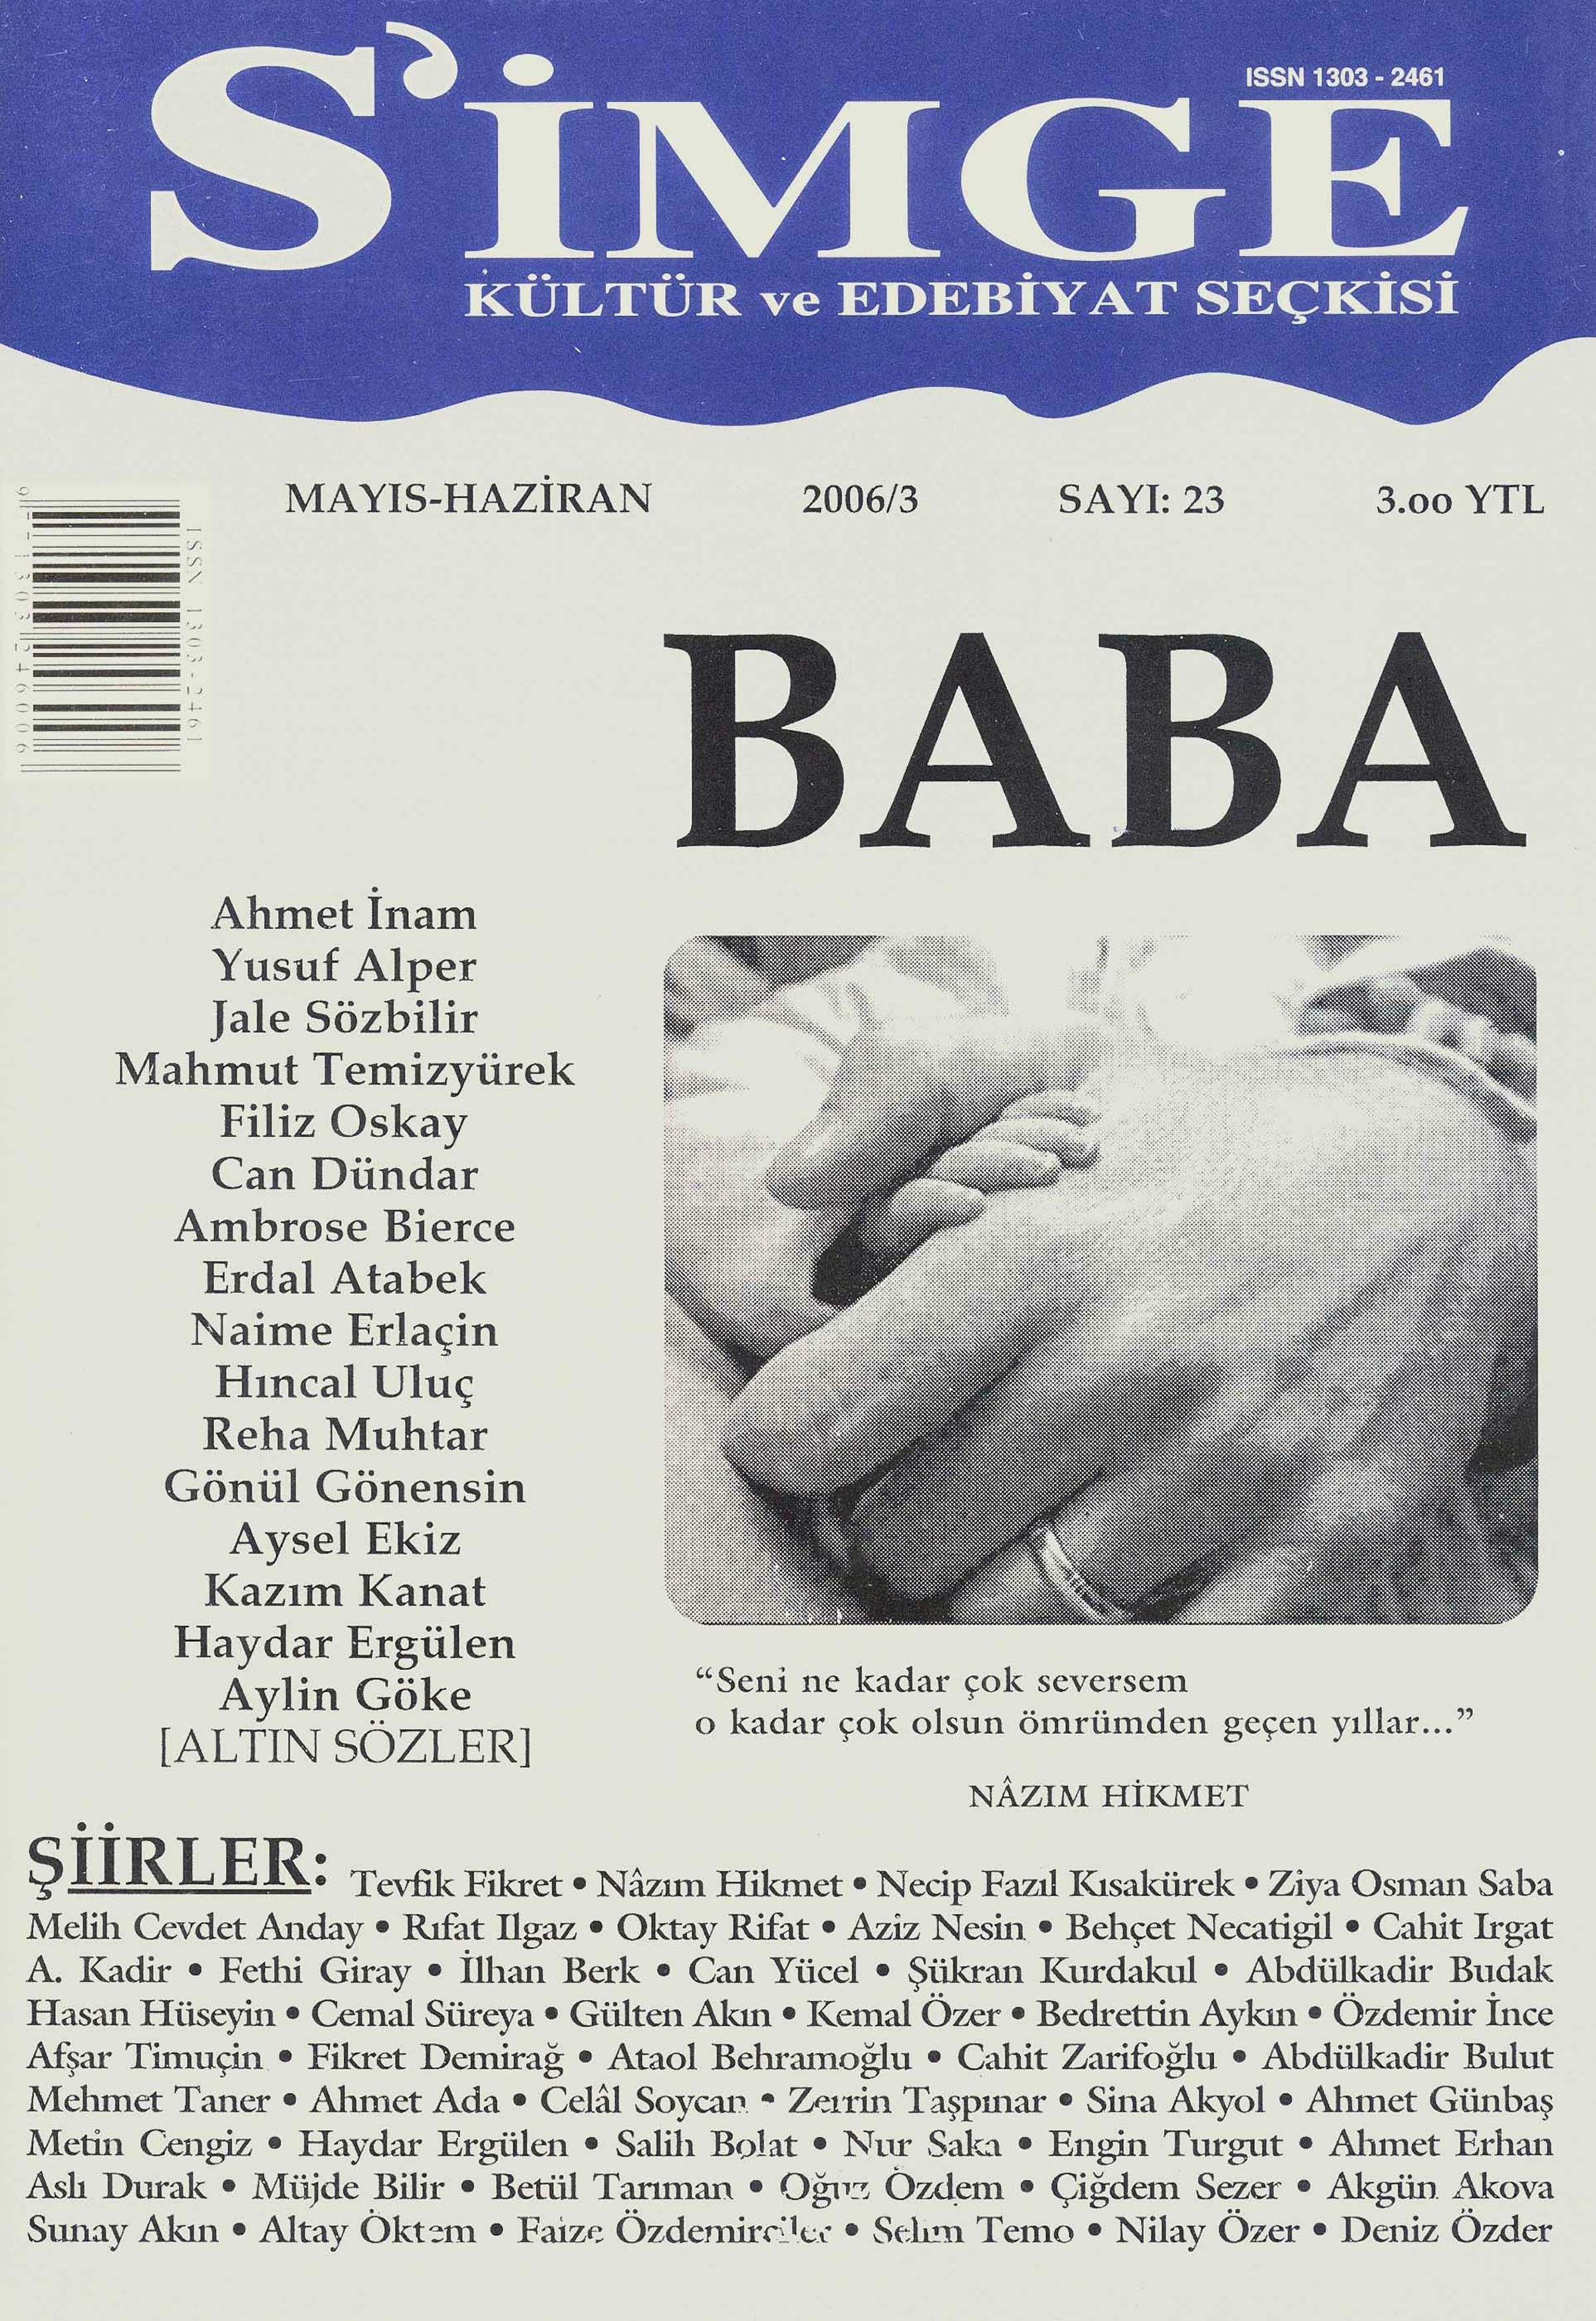 Simge Baba Simge şiir Edebiyat